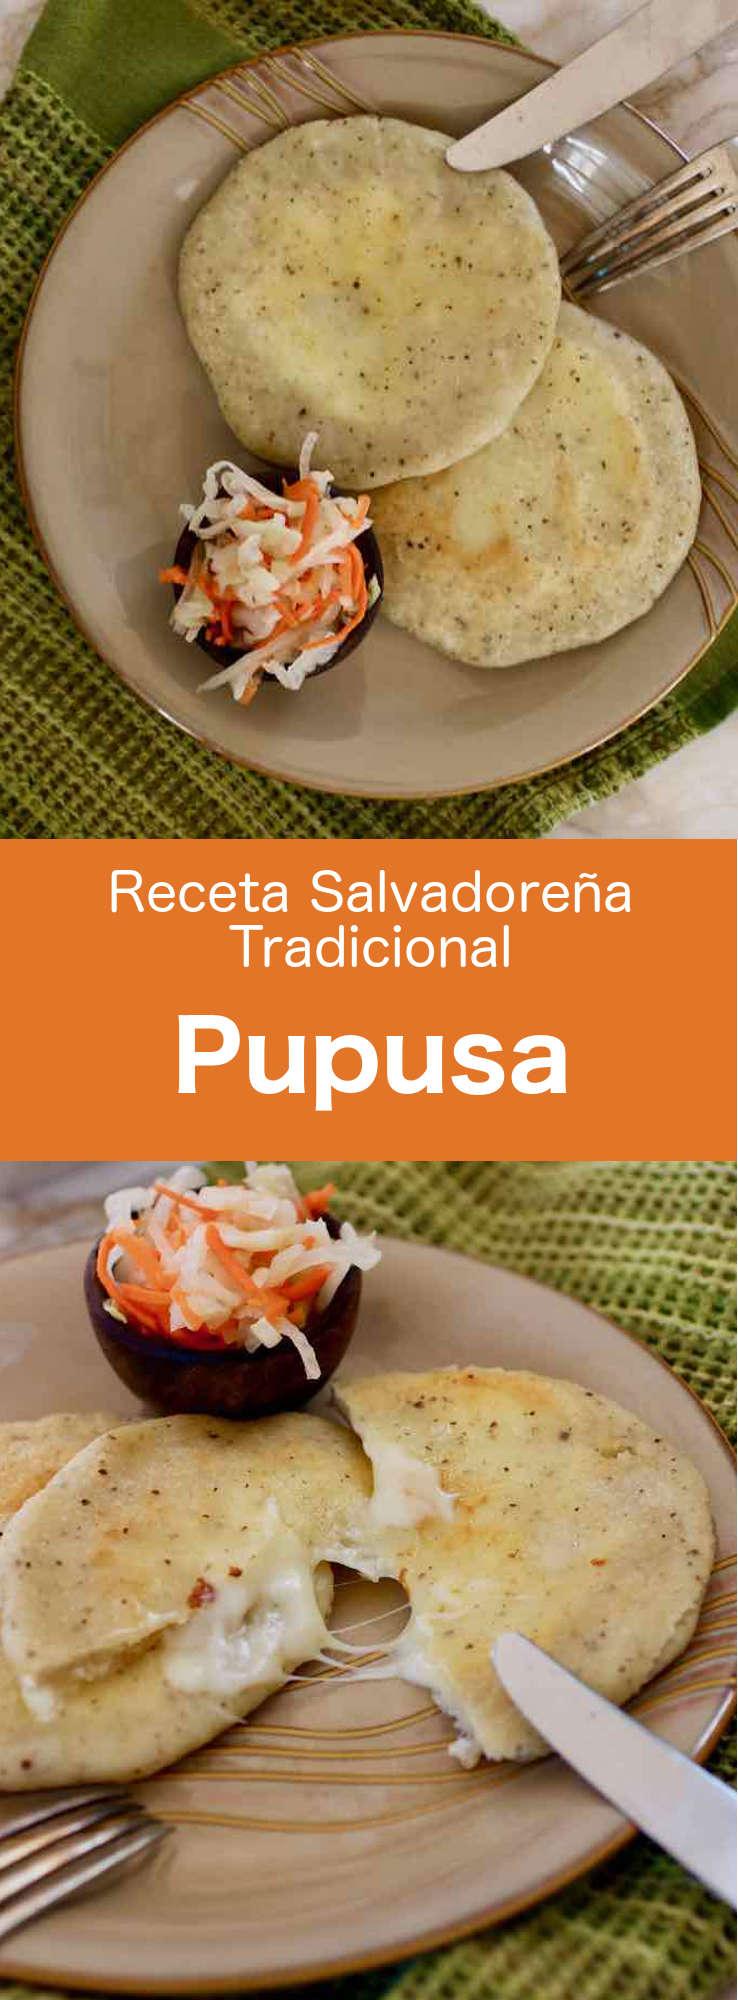 Una pupusa es una tortita de harina de maíz salvadoreña rellena de queso, frijoles refritos o cerdo (chicharrón).